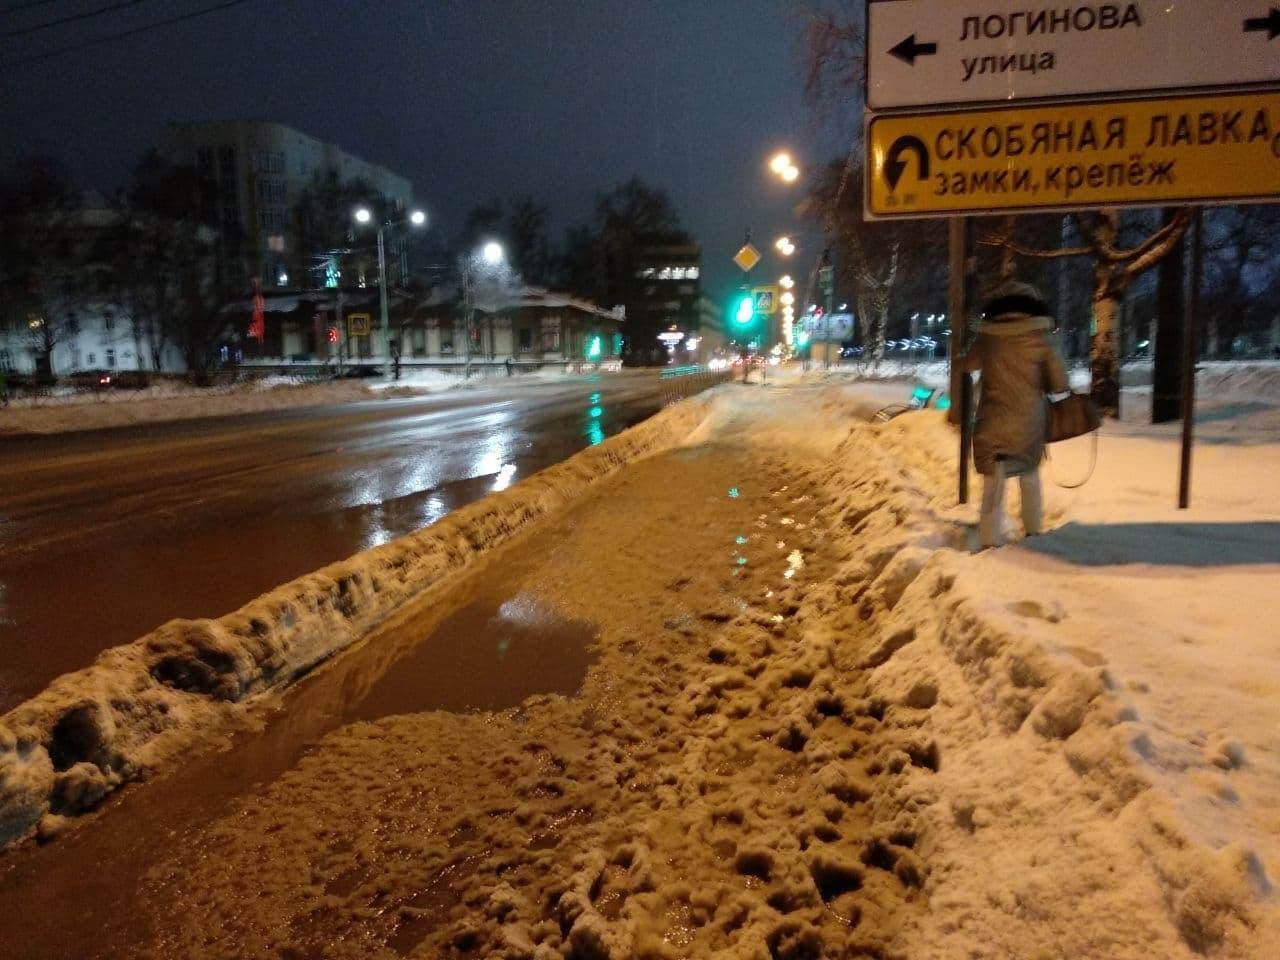 Активисты «Городских проектов» мониторили улицы Архангельска и по итогам направили обращение к Дмитрию Мореву с просьбой усилить контроль над подрядчиком